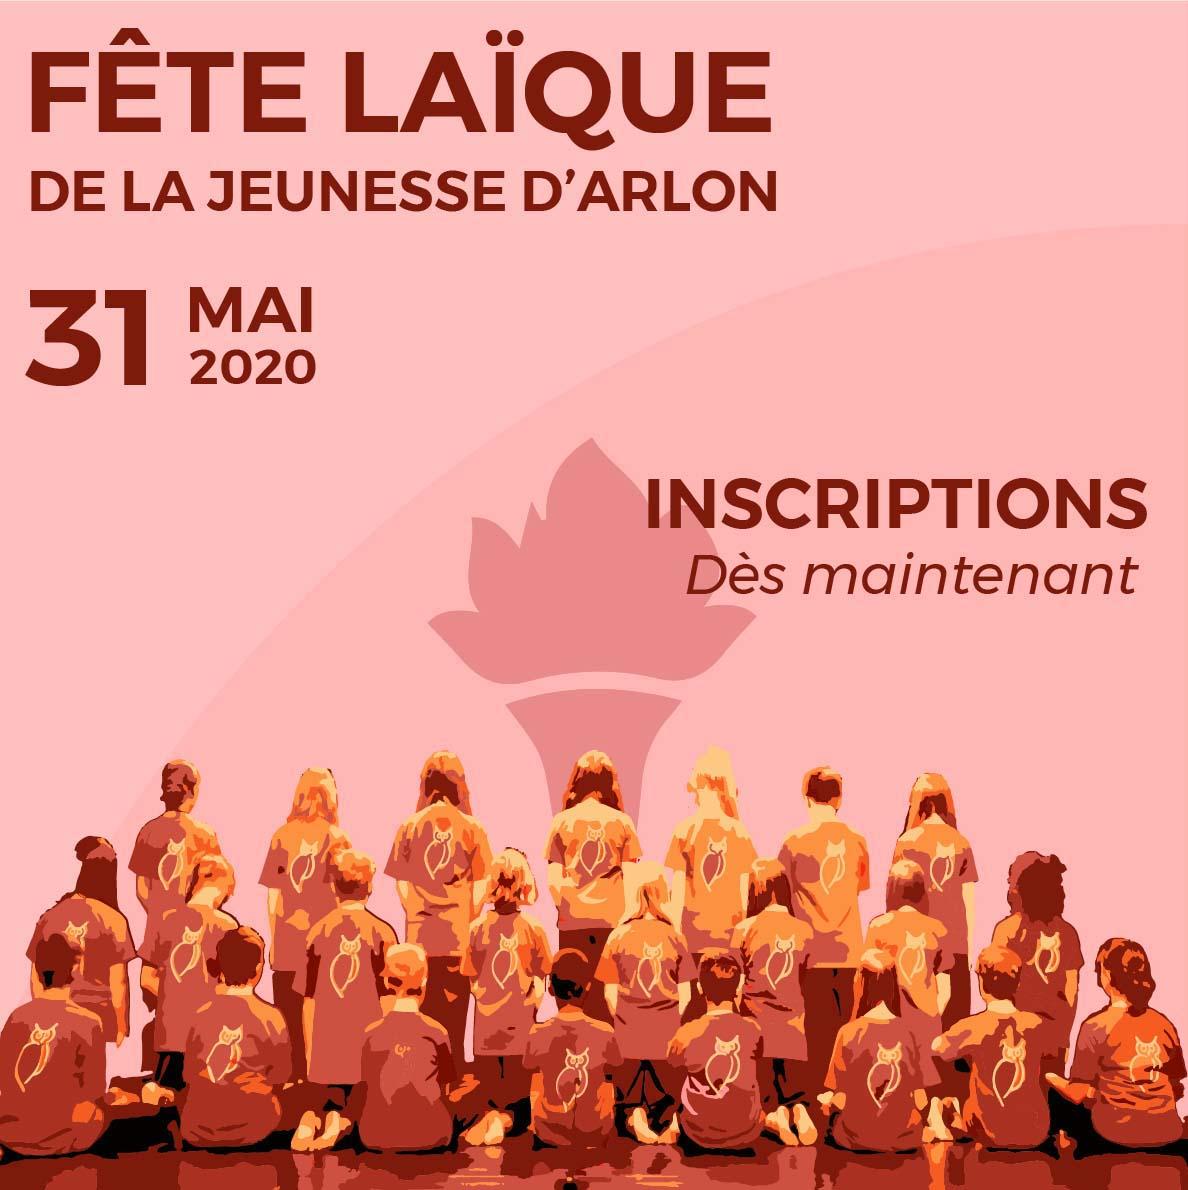 Fête Laïque de la Jeunesse des communes d'Arlon, d'Attert, de Fauvillers, de Habay, et de Martelange